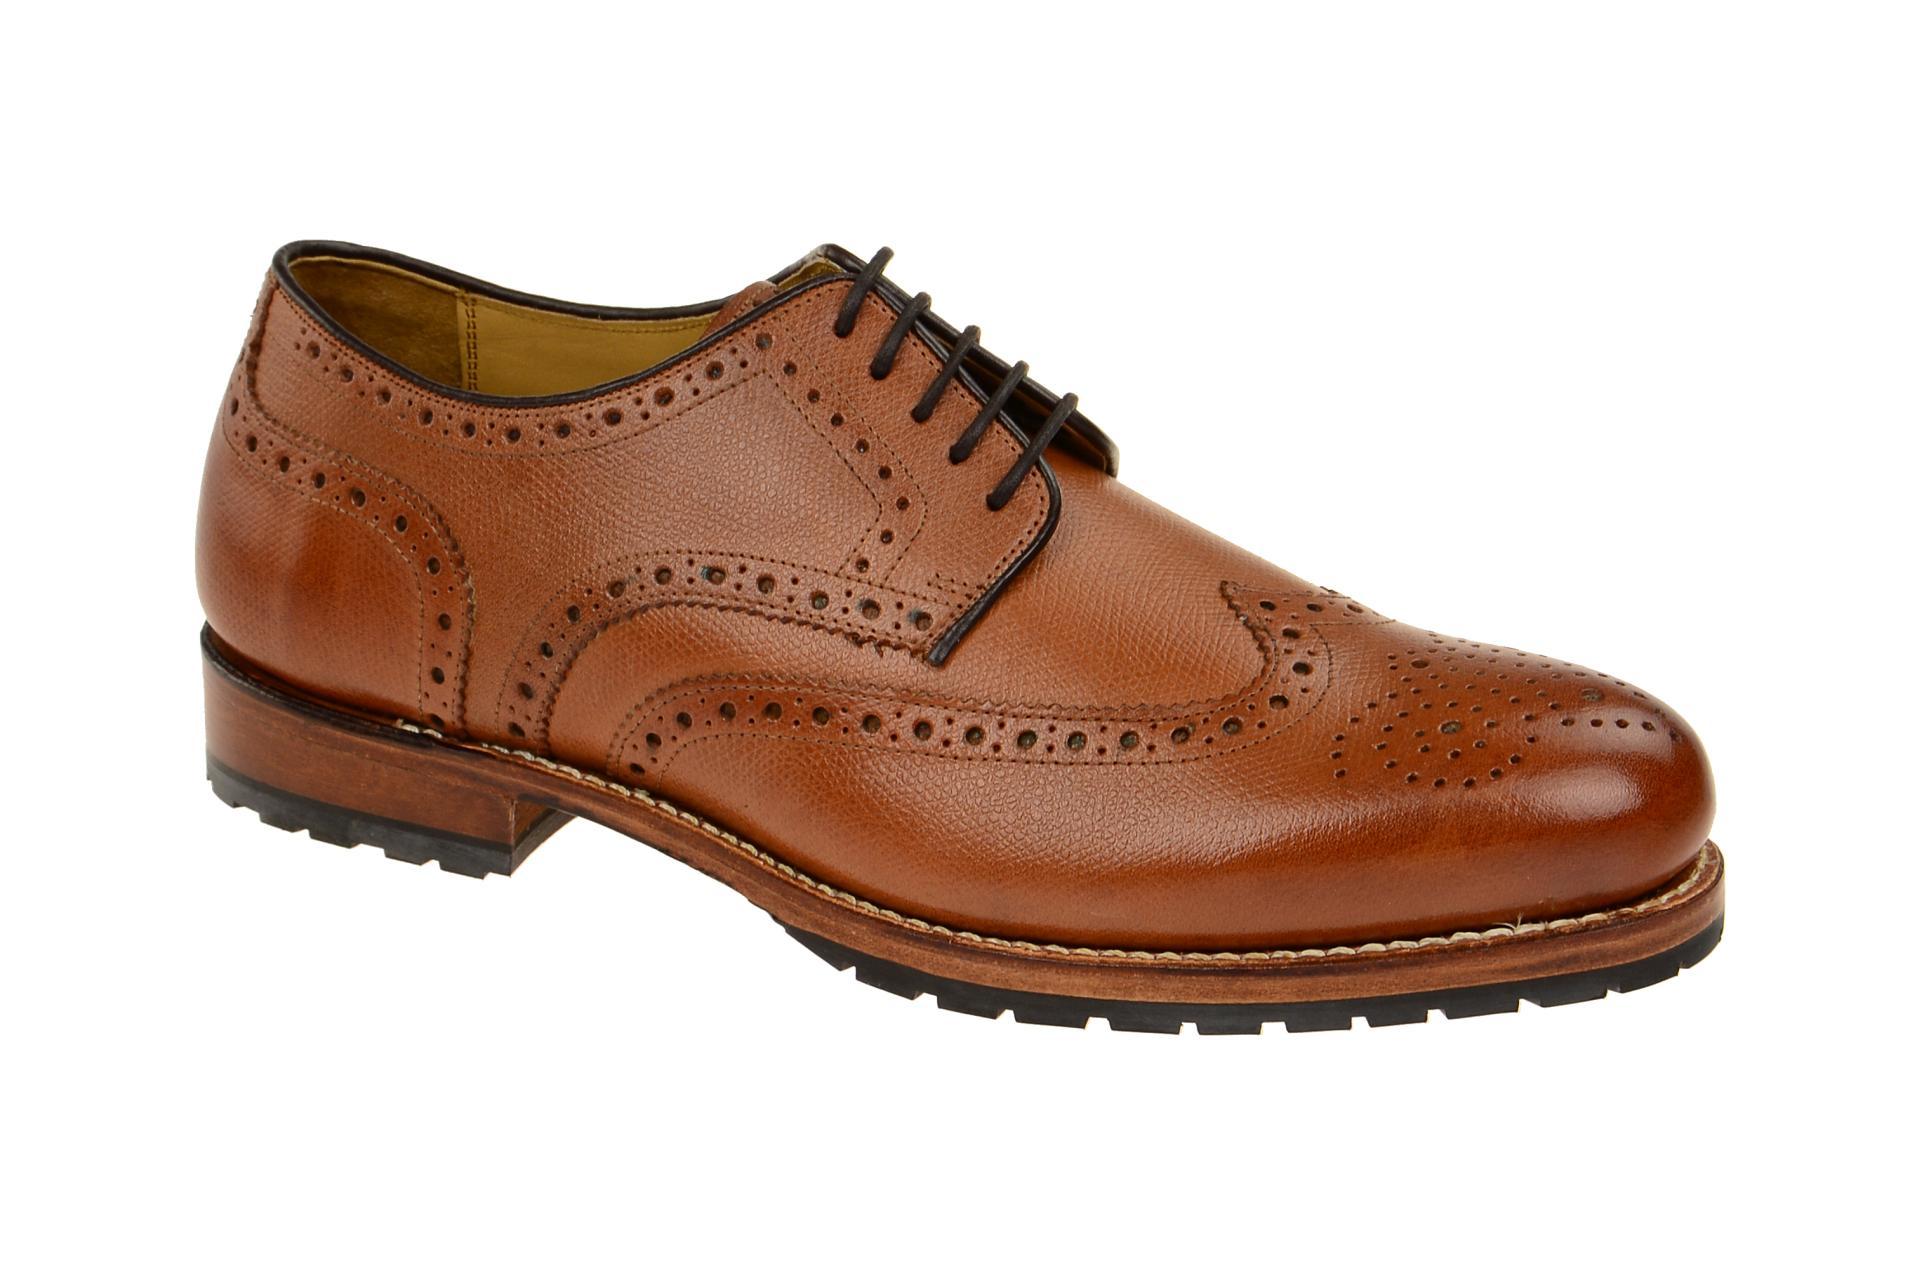 Gordon Bros Schuhe Levet braun 2318AD - Schuhhaus Strauch Shop 19d0548fed